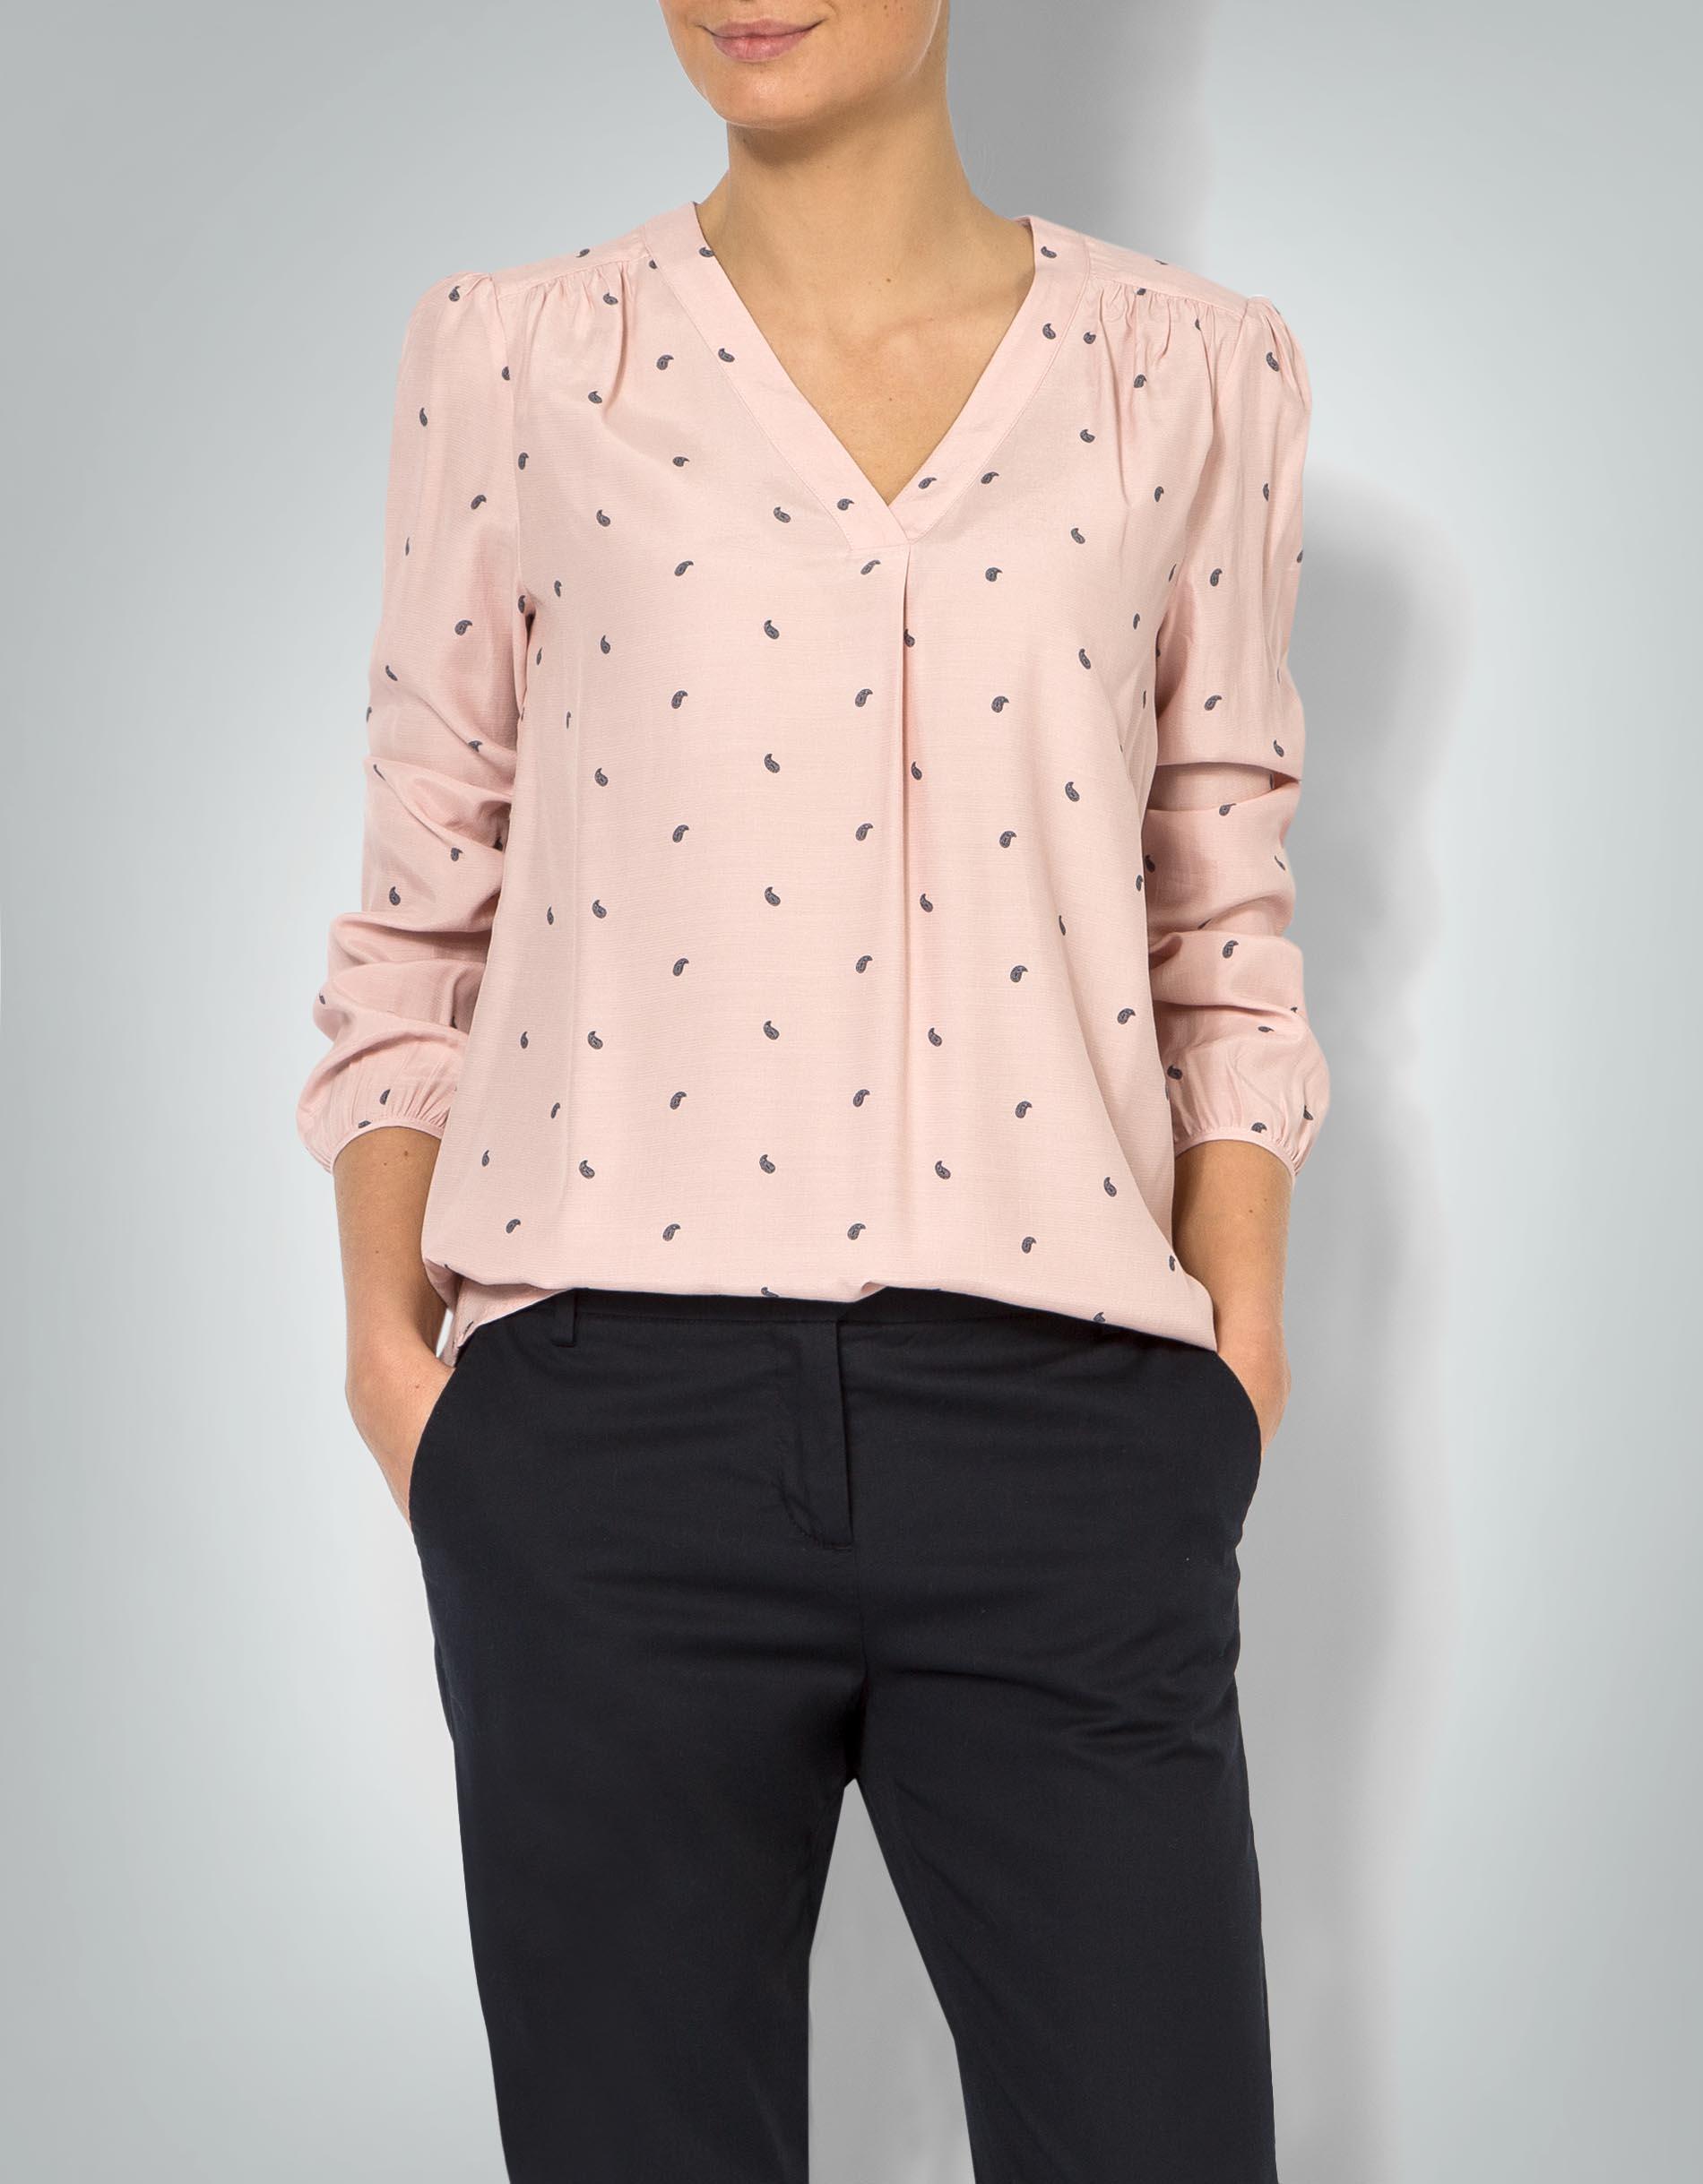 heißester Verkauf Verkaufsförderung billig zu verkaufen Tommy Hilfiger Damen Bluse mit Paisley-Dessin empfohlen von ...